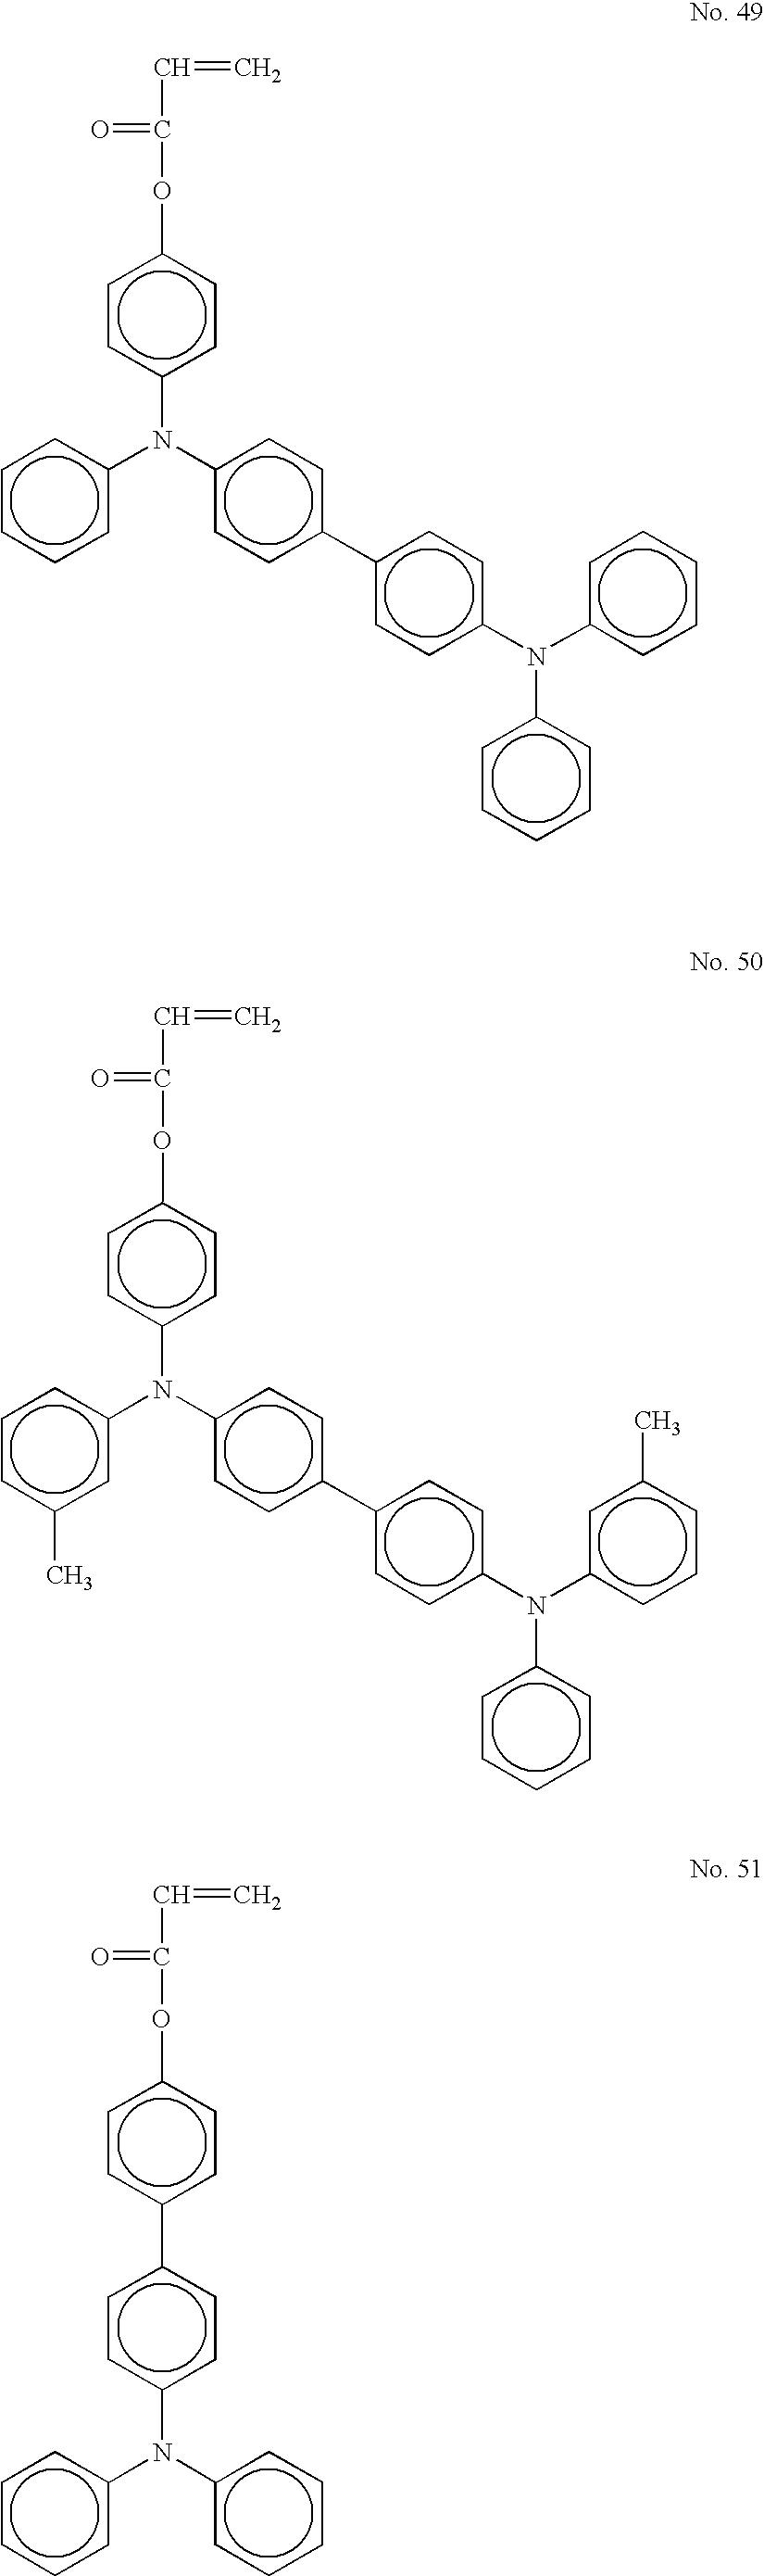 Figure US20040253527A1-20041216-C00028